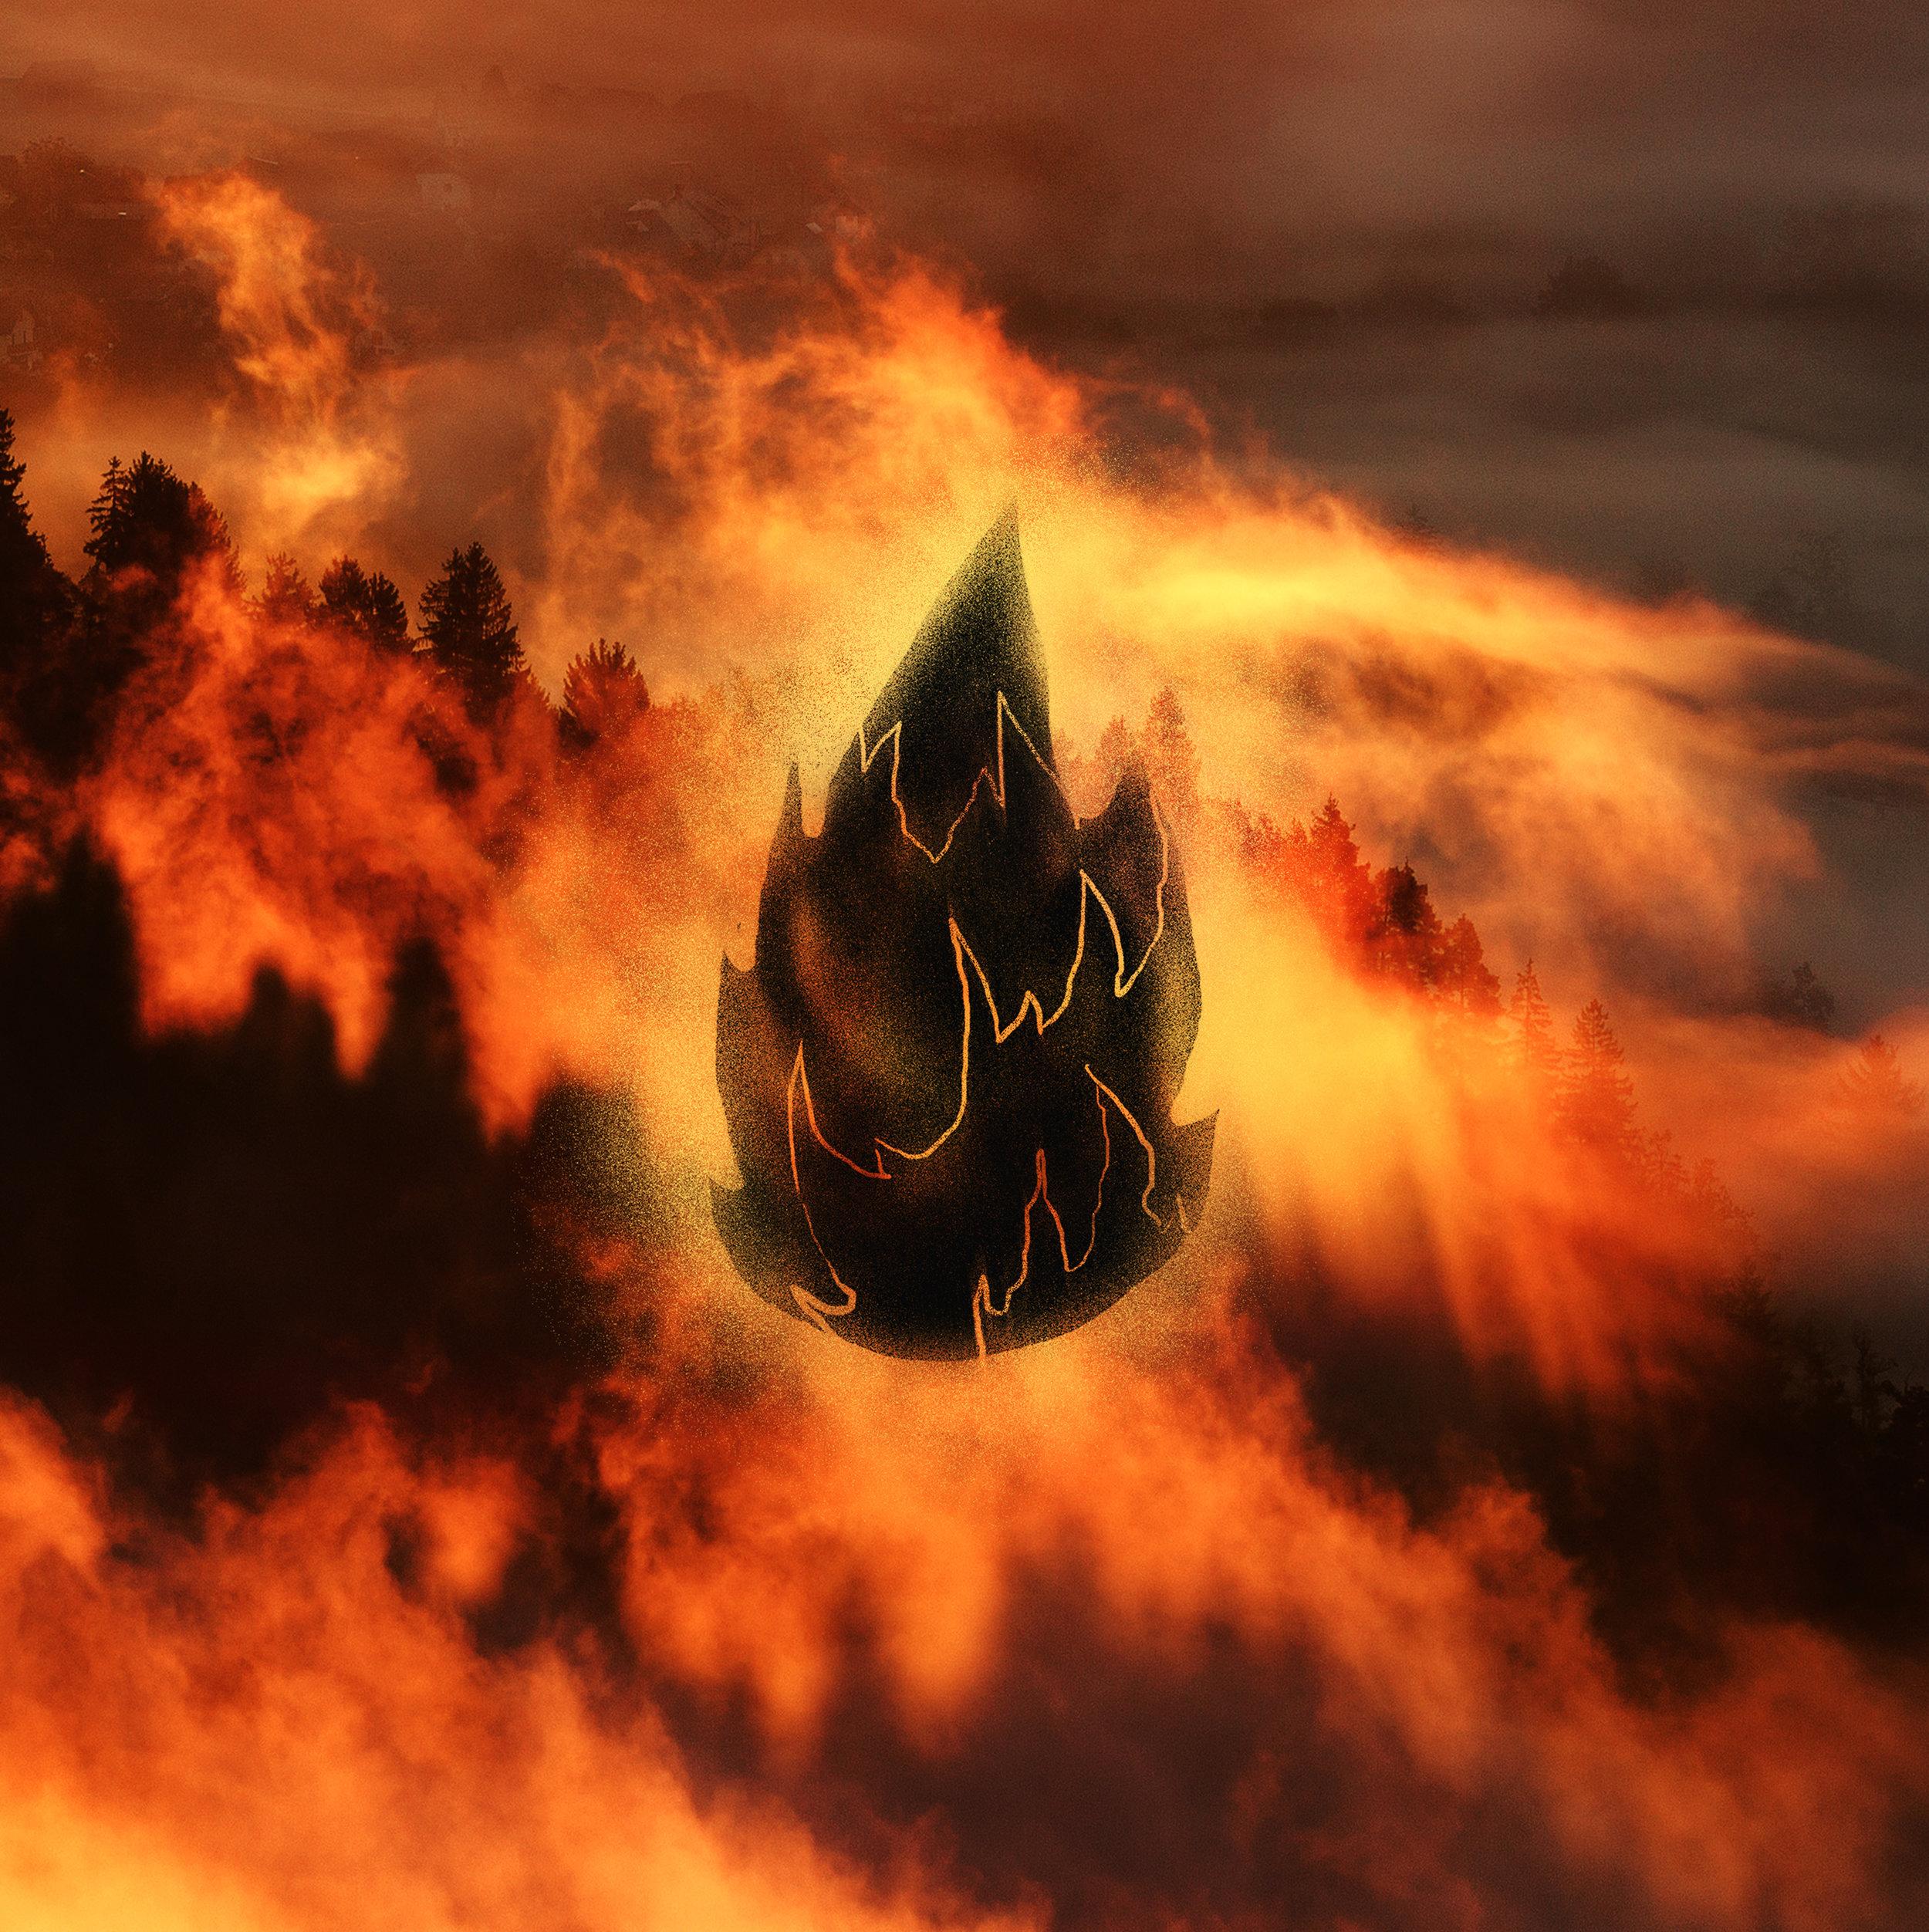 FIRE_5_30_30-Normal.jpg